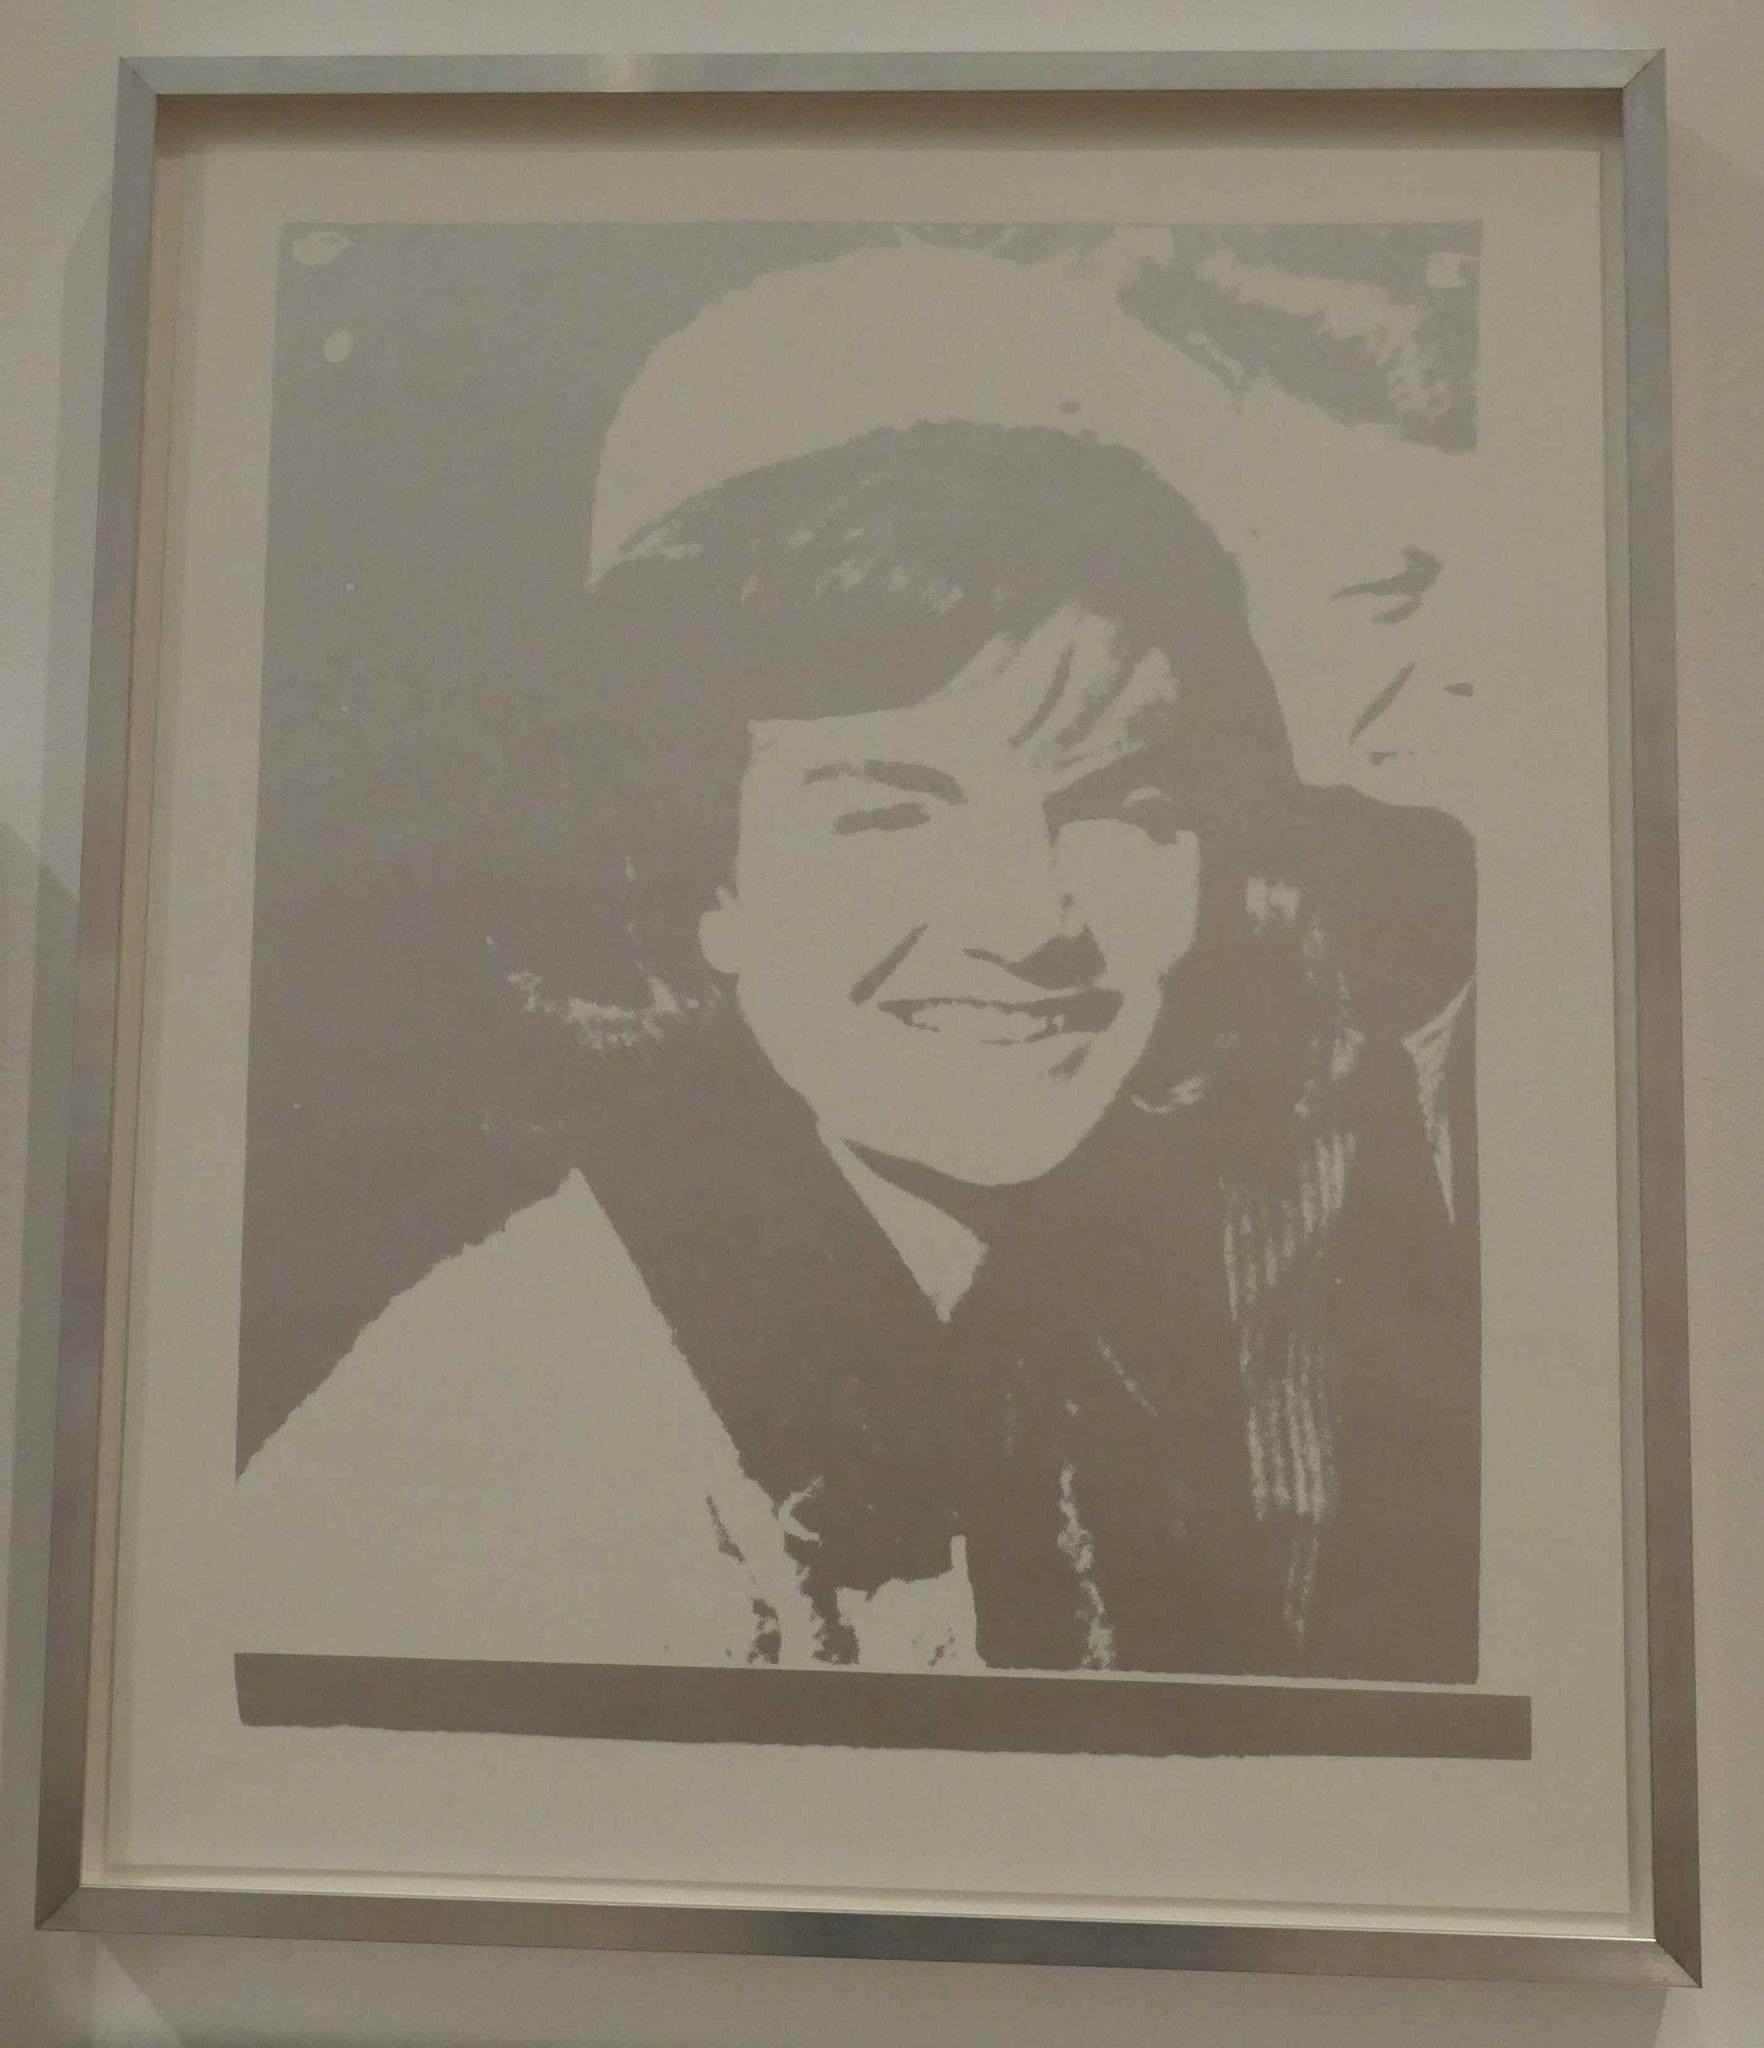 Andy Warhol, Jacqueline Kenndy (Jackie), Siebdruck 1966, Kunsthandel Berlin